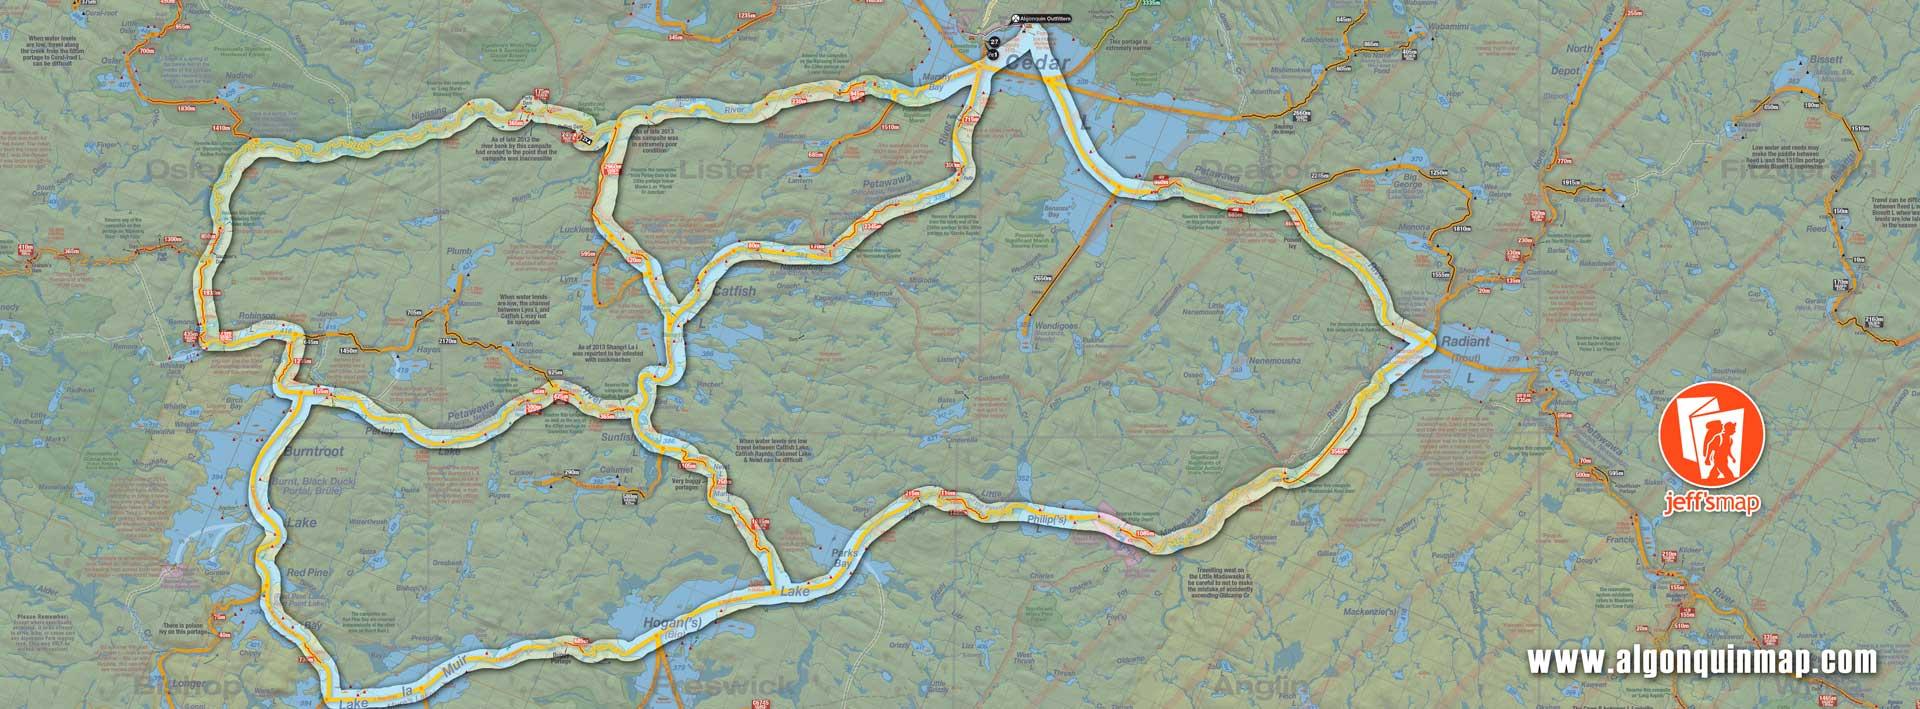 Algonquin Park Canoe Routes North